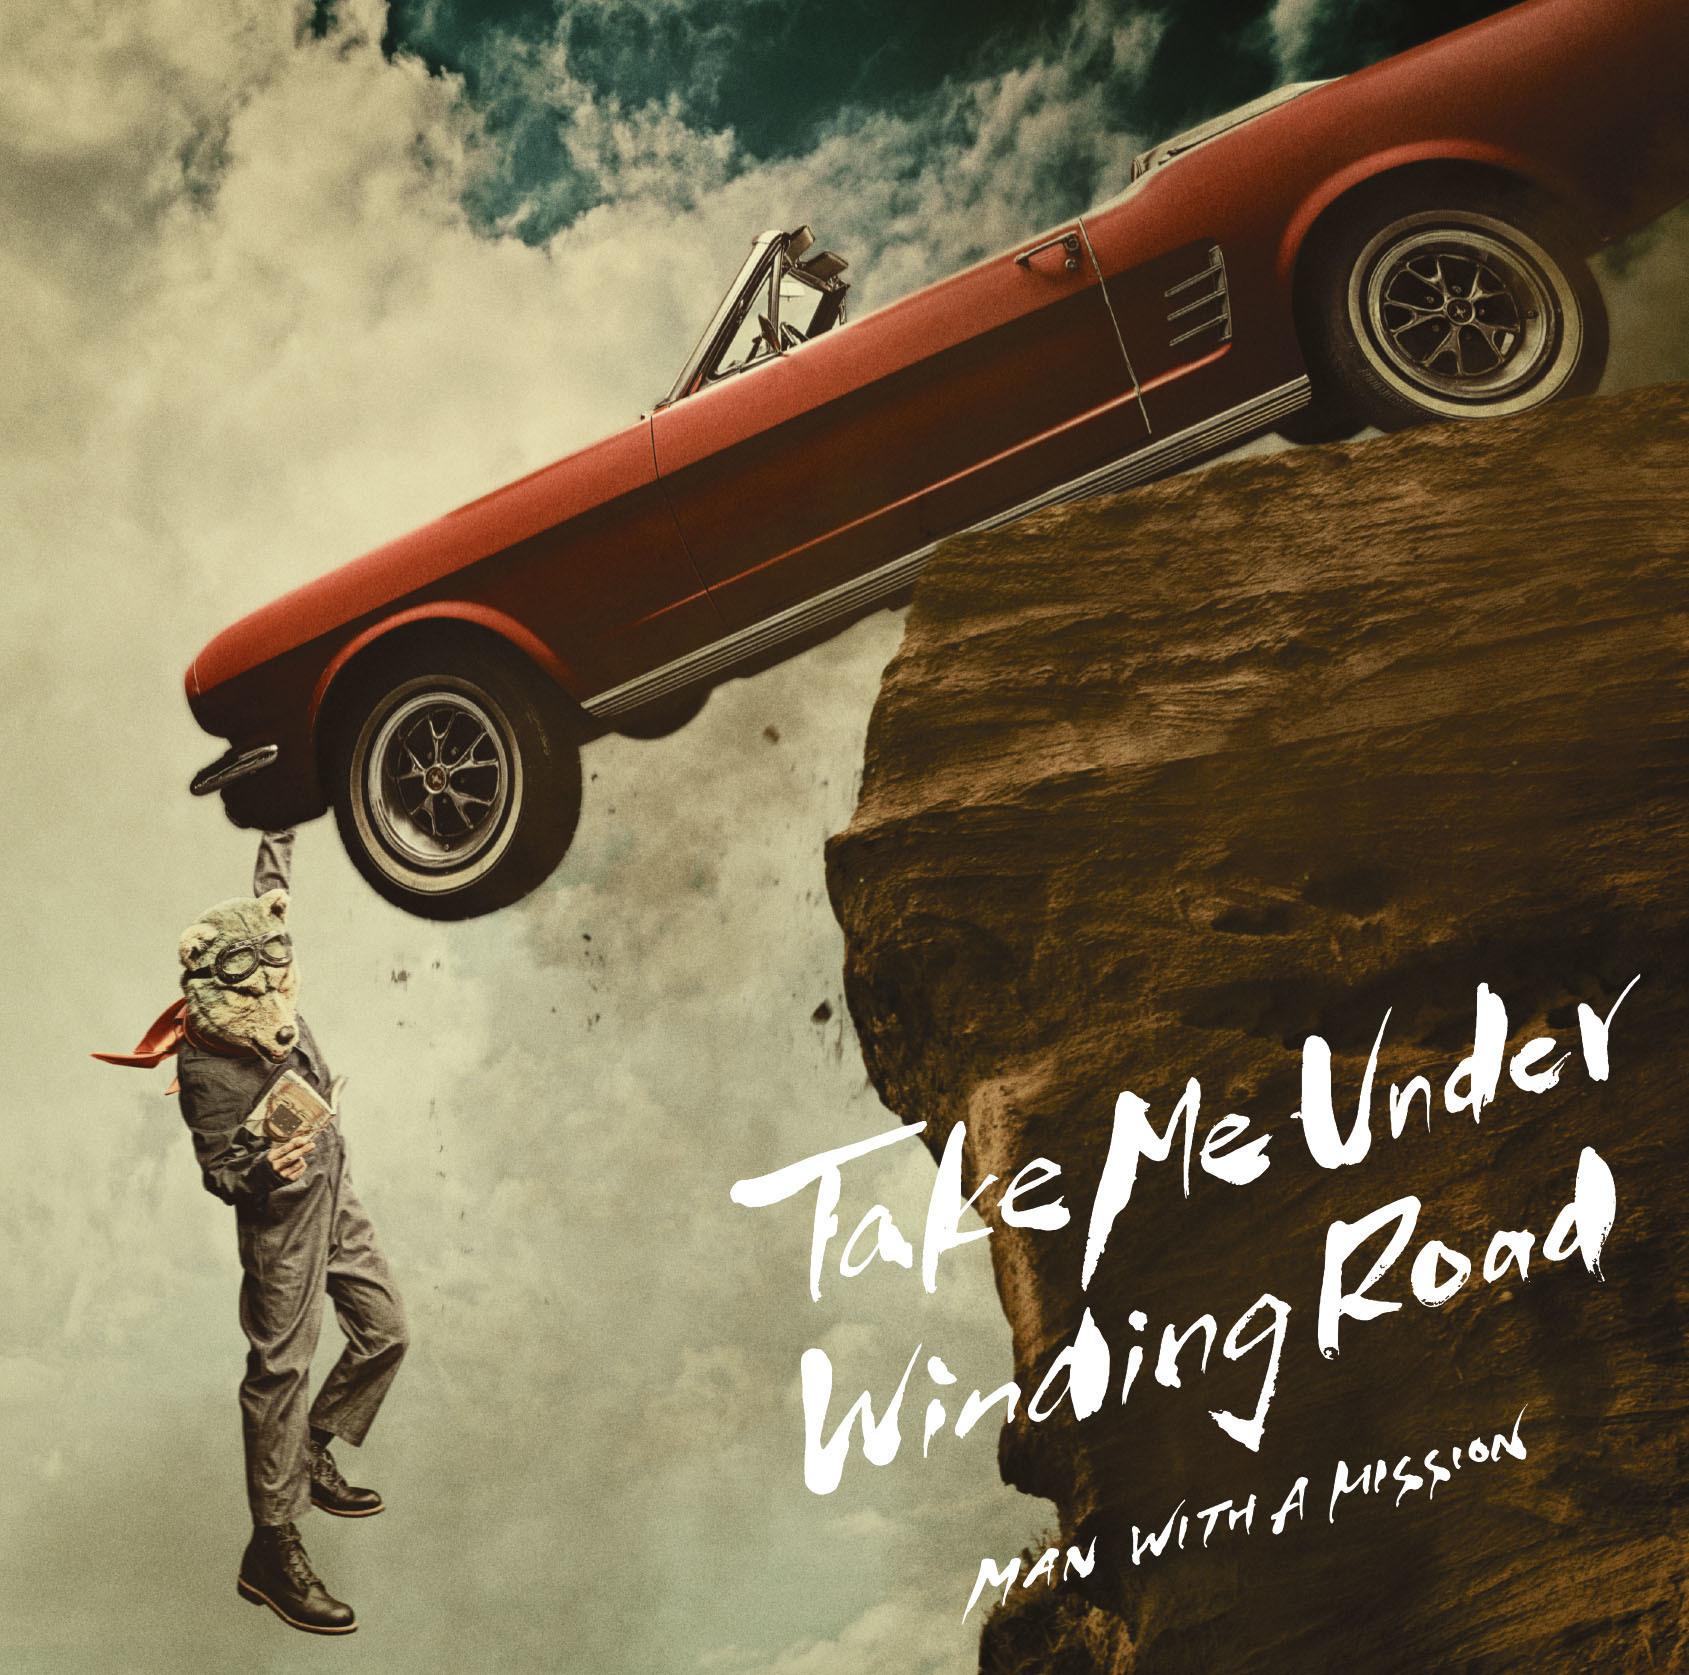 Content_take_me_under__winding_road_%e5%88%9d%e5%9b%9e%e7%9b%a4